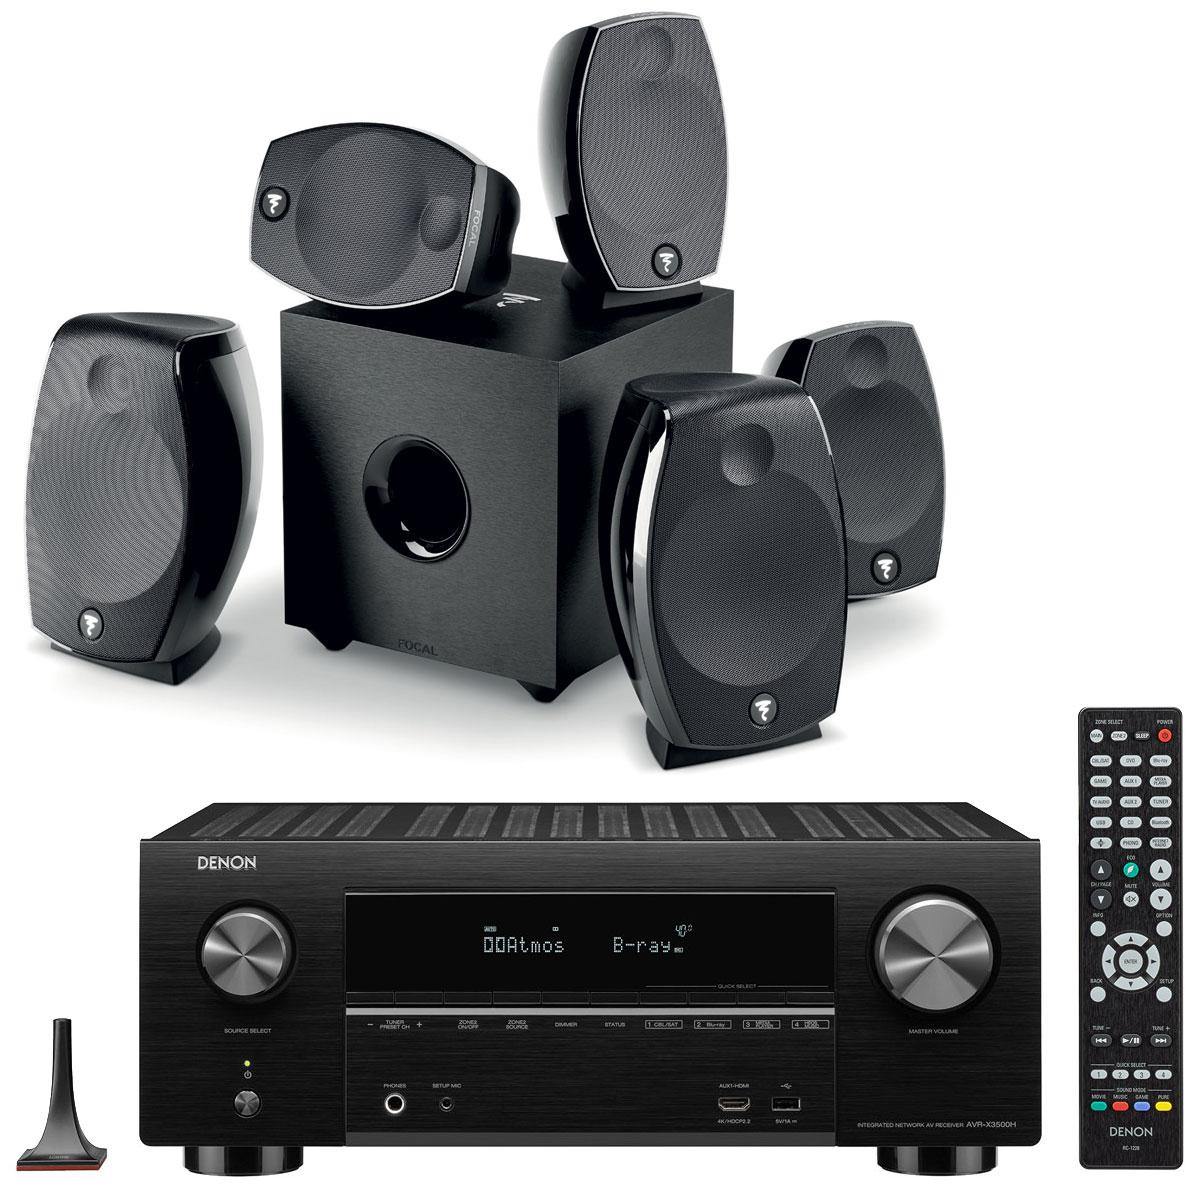 Ensemble Home Cinéma Denon AVR-X3500H + Focal Sib Evo 5.1.2 - Noir